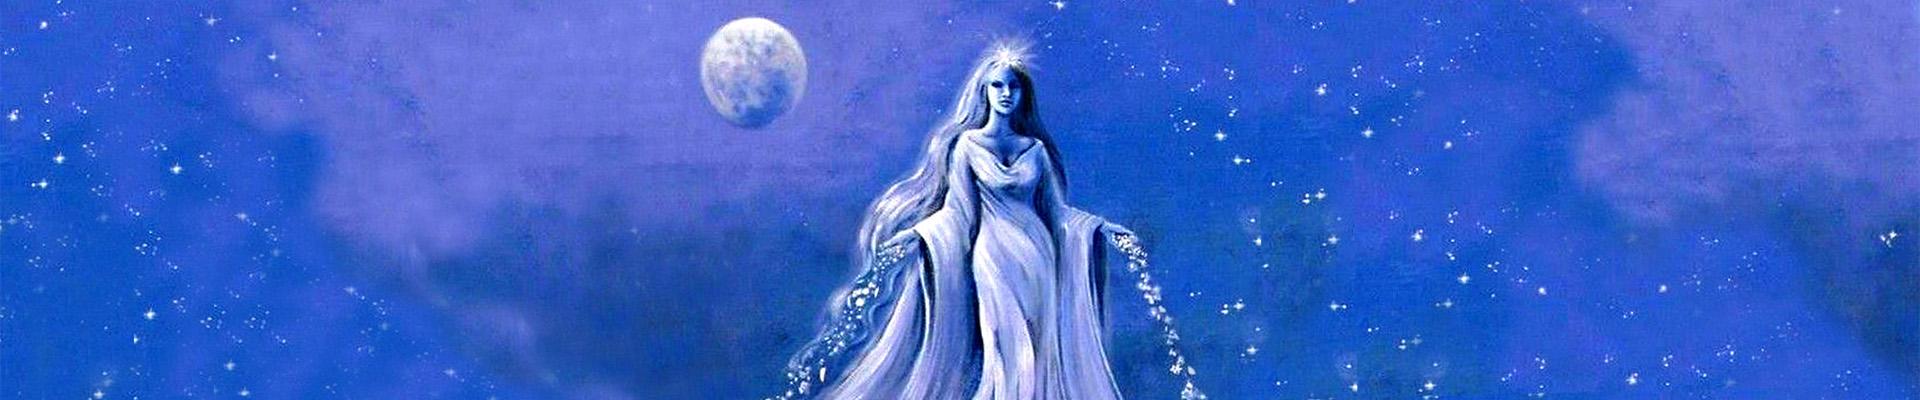 Encart déesse bleue